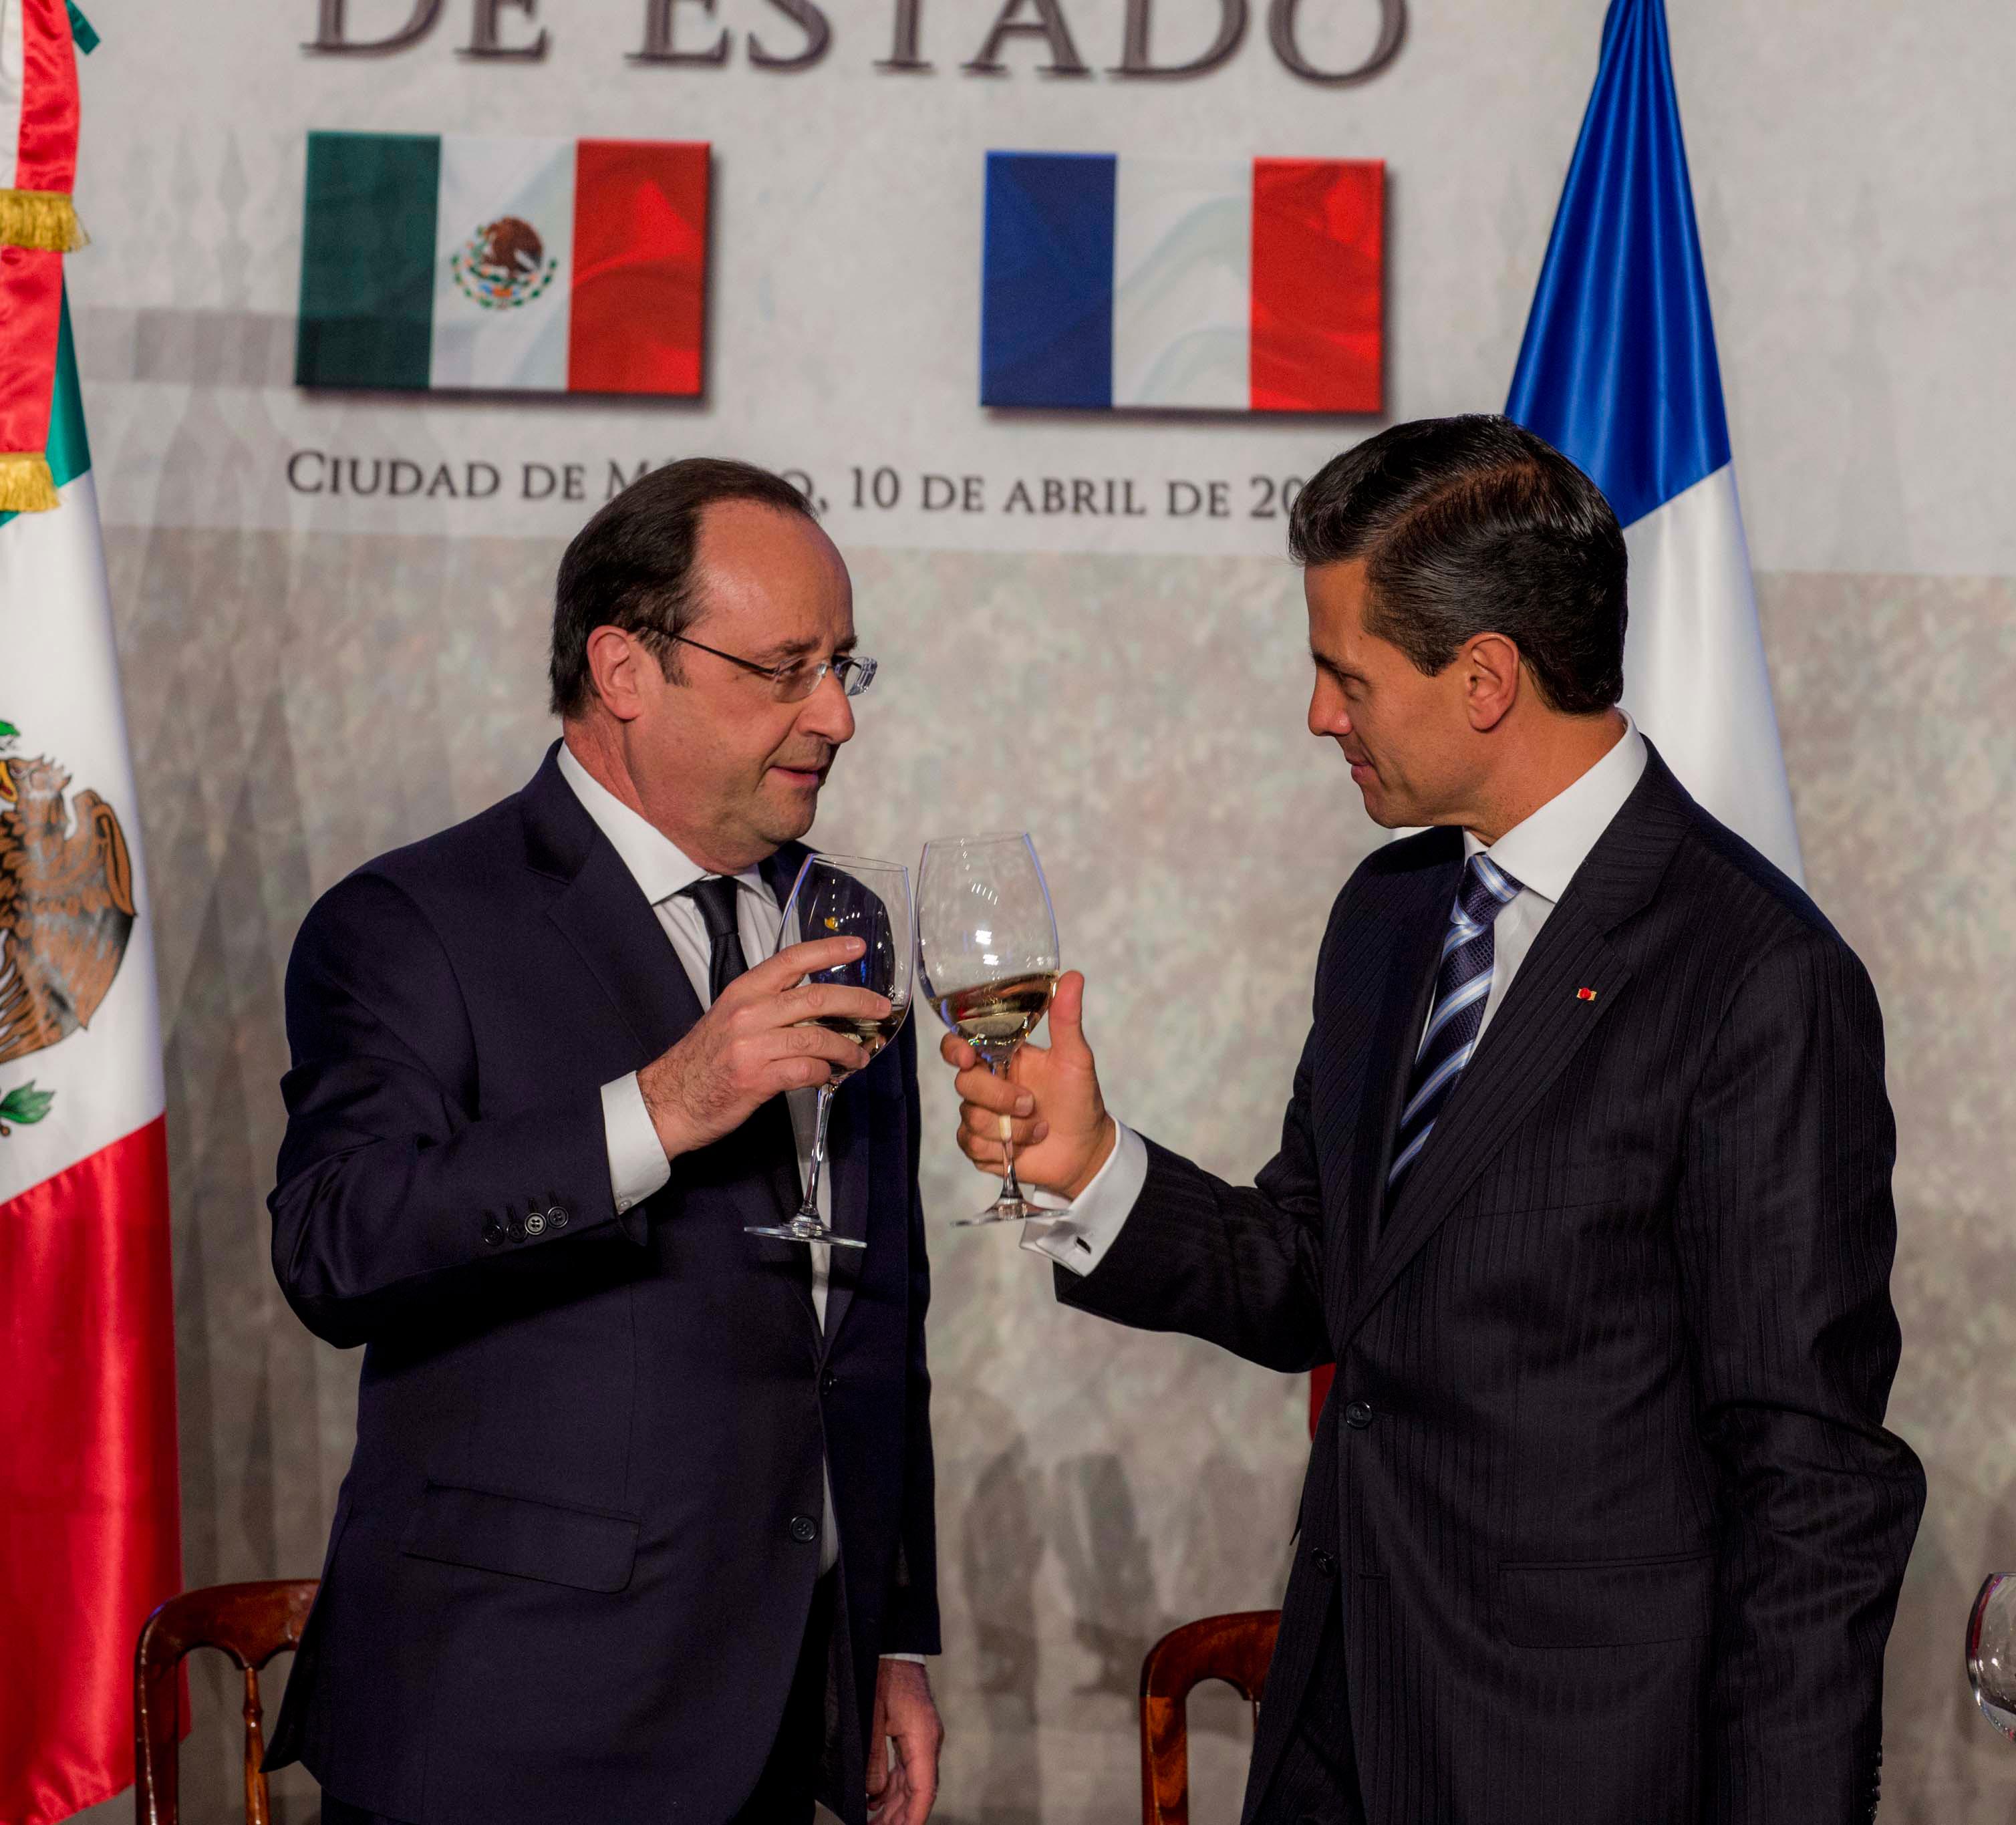 Presidencia De La Repblica Gobierno Gobmx | newhairstylesformen2014